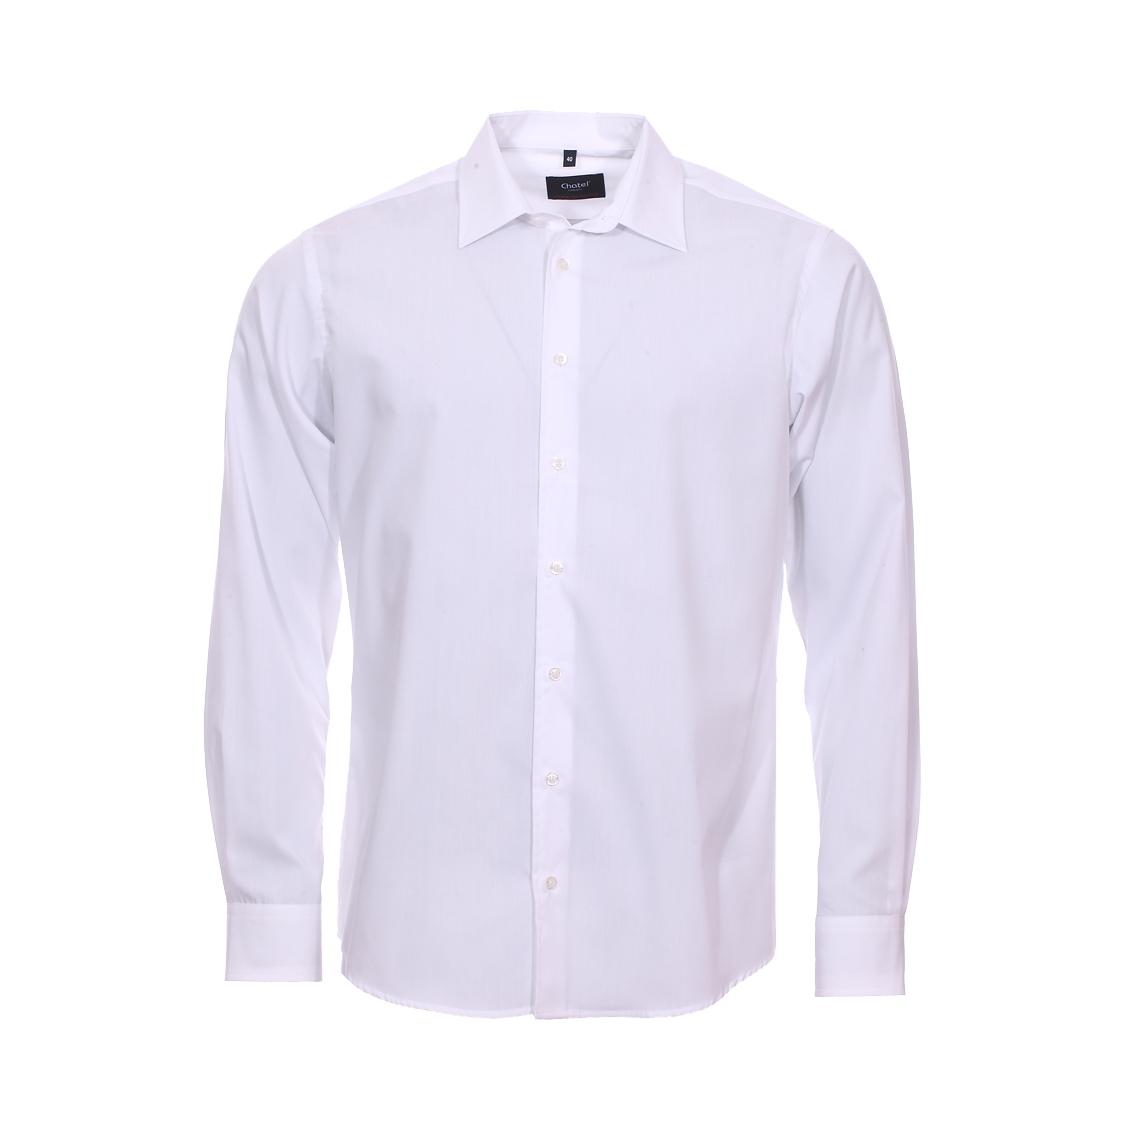 Chemise droite jean chatel bristol en coton blanc